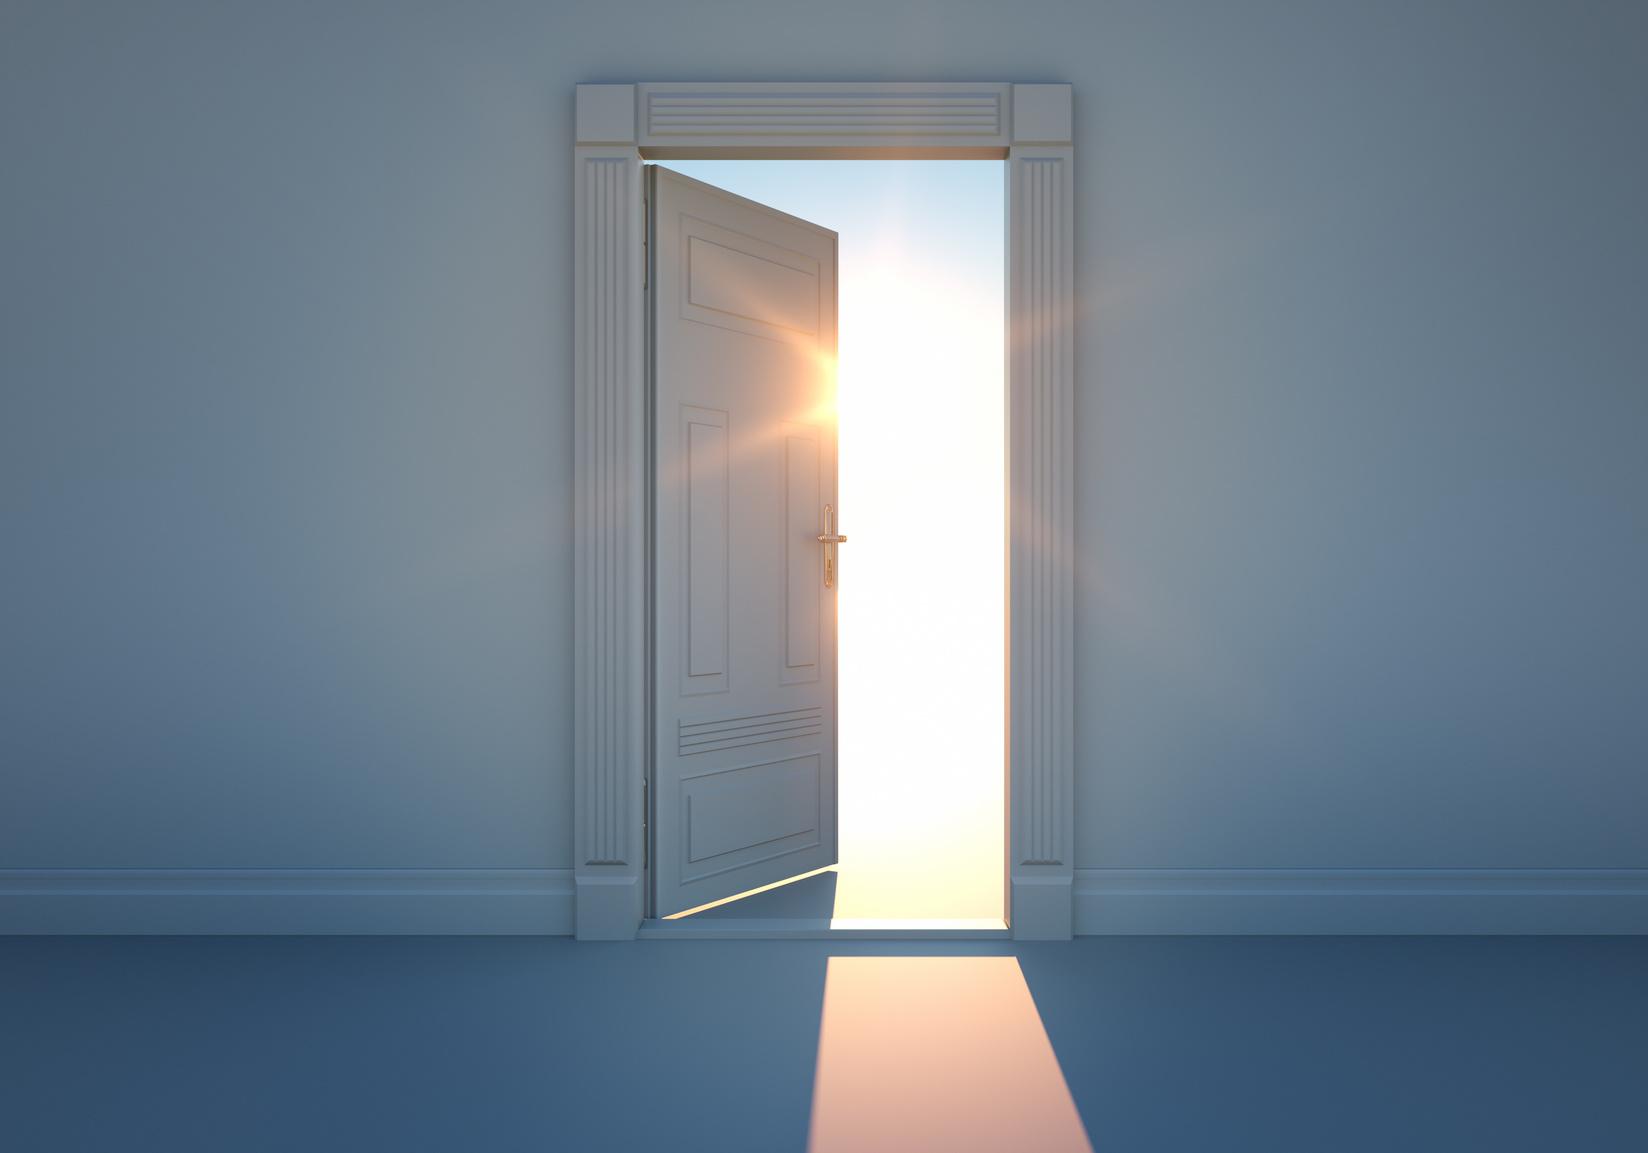 Offene tür  Offene Tür mit Sonnenlicht – Andreas Scholl Online-Akademie